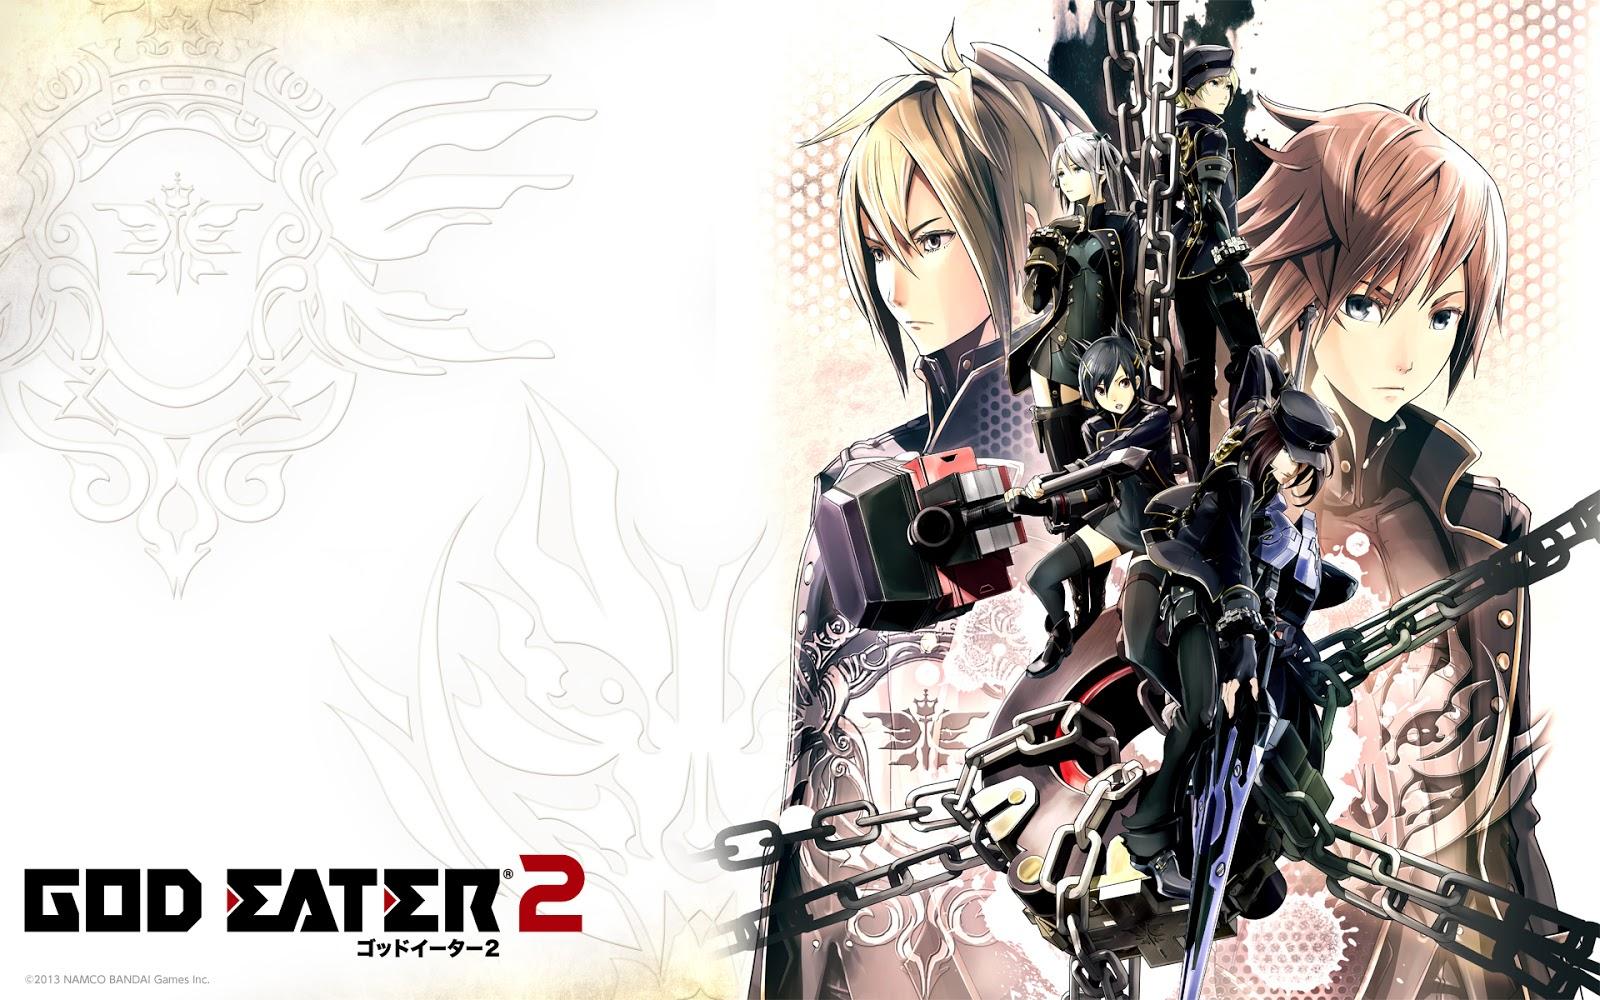 Download God Eater 2 PSP ISO (ENG) Full Game Free For